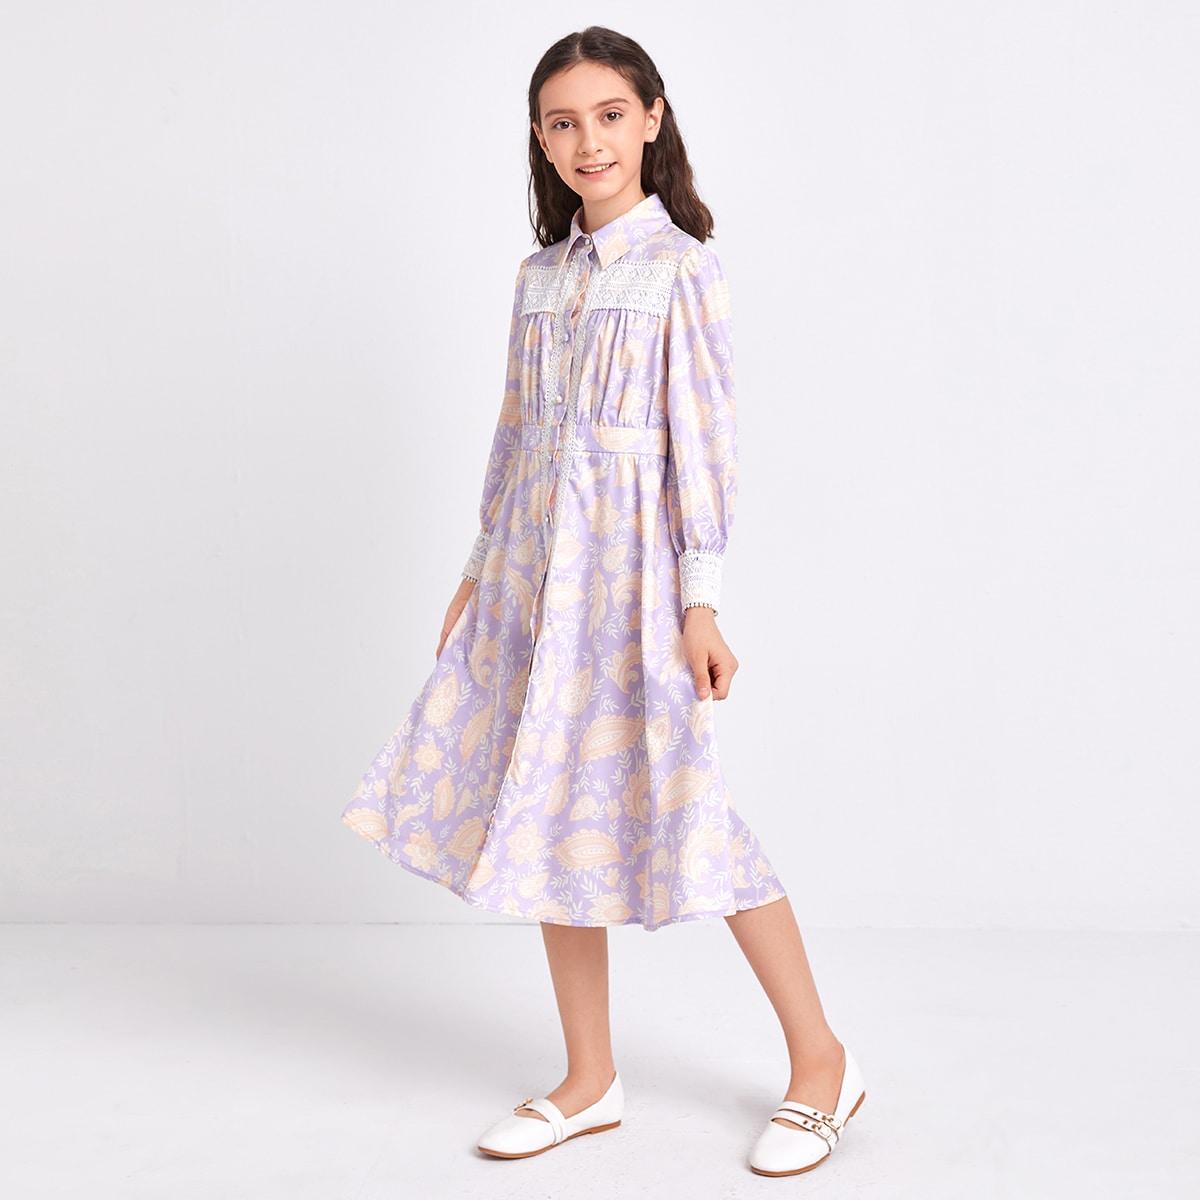 Платье с цветочным принтом и кружевной отделкой для девочек